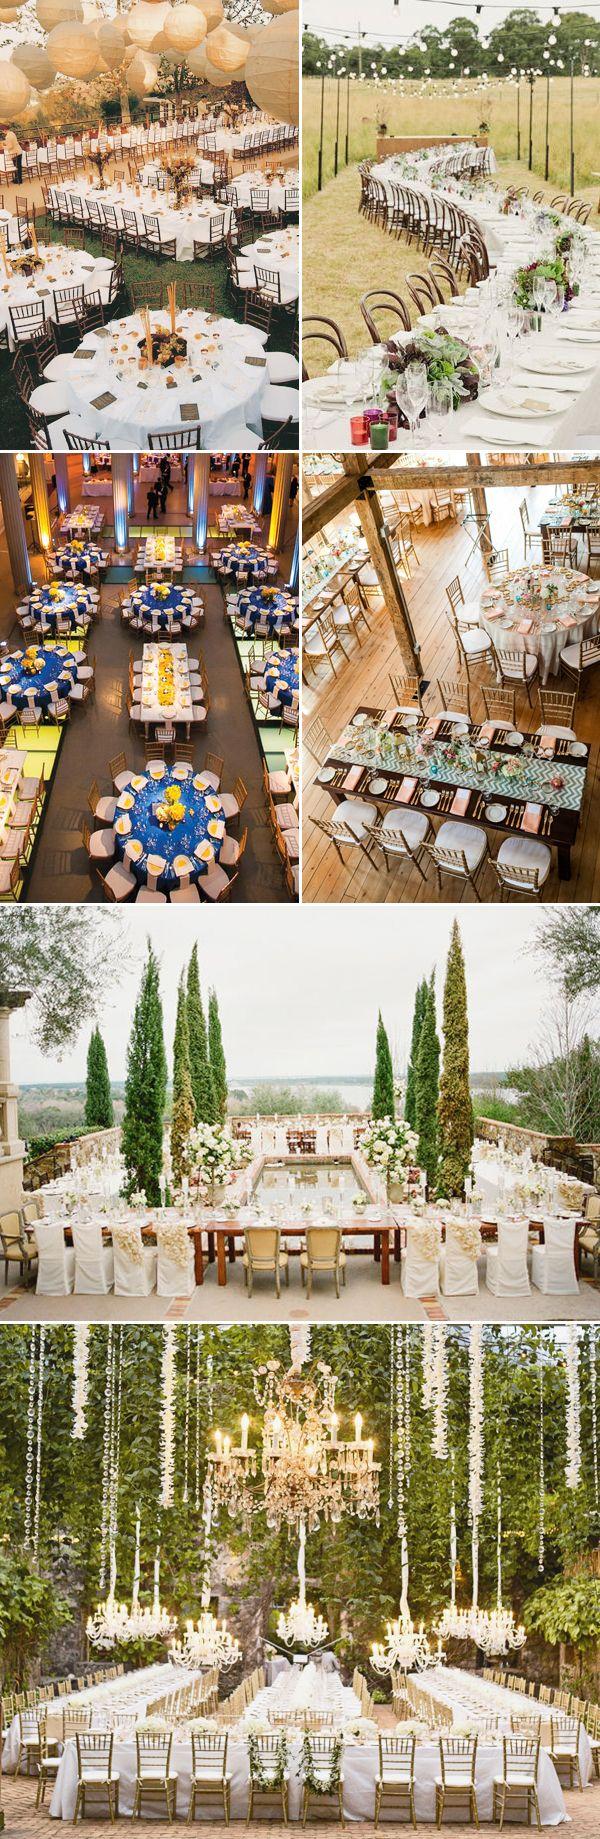 8 Wedding Decor Trends for 2016 - Unique Table Arragements & Seating Plans